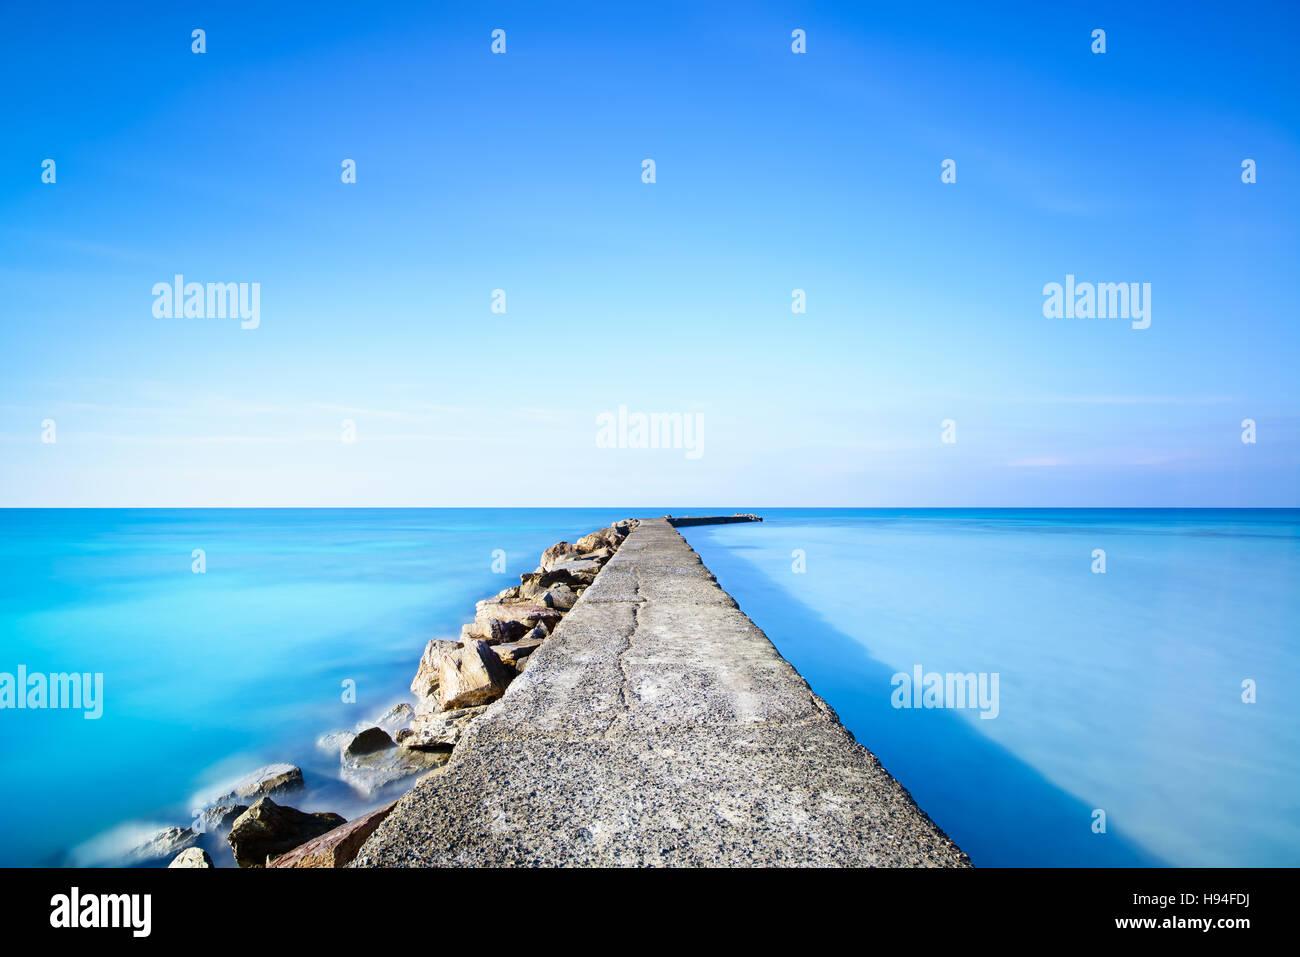 Beton und Felsen Pier oder Steg auf einen blauen Ozeanwasser. Lange Belichtung Fotografie Stockbild